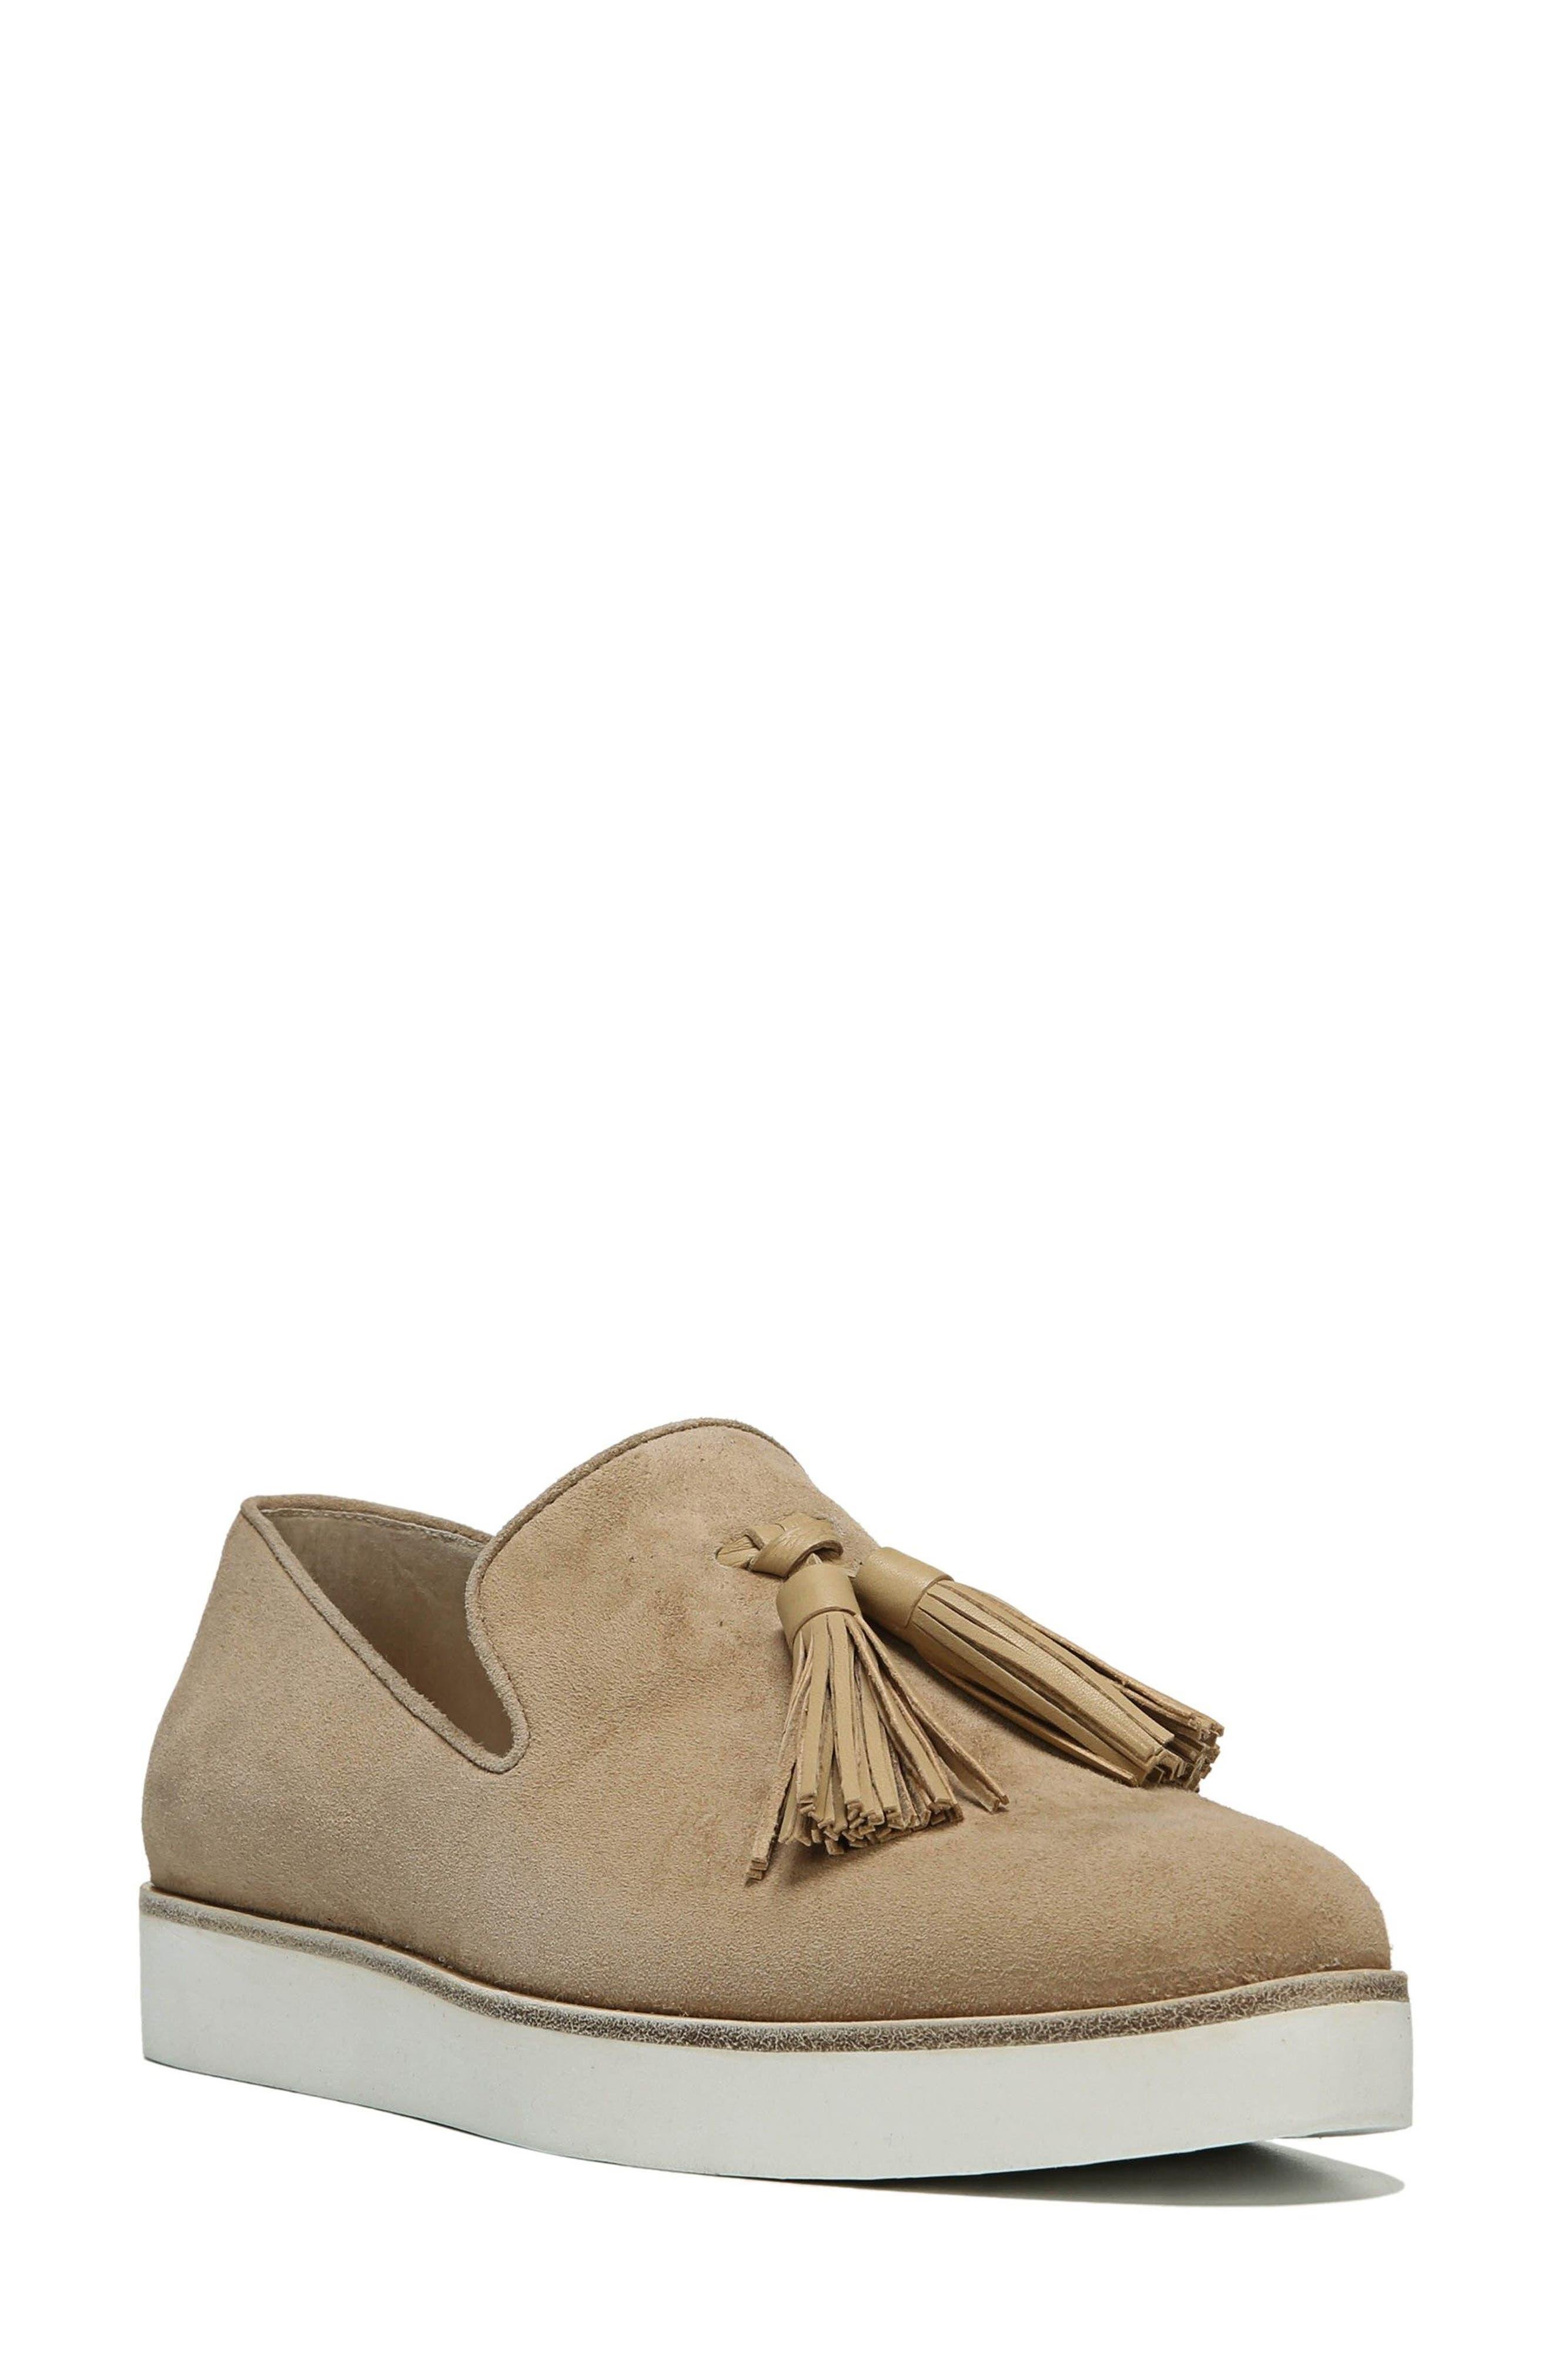 Alternate Image 1 Selected - Via Spiga Toni Slip-On Sneaker (Women)